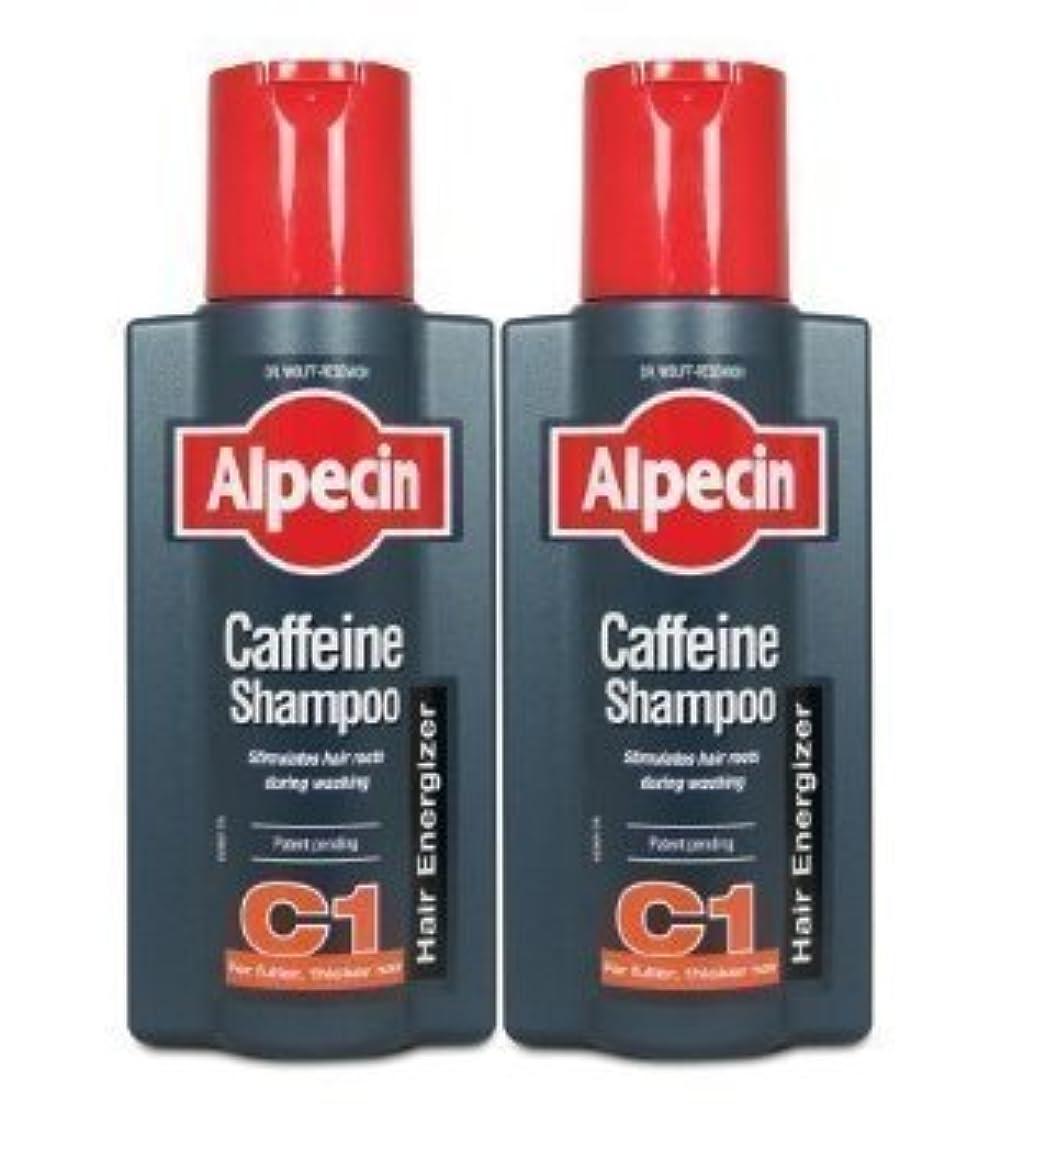 レパートリー聡明環境に優しい2 X Alpecin Caffeine Shampoo [並行輸入品]